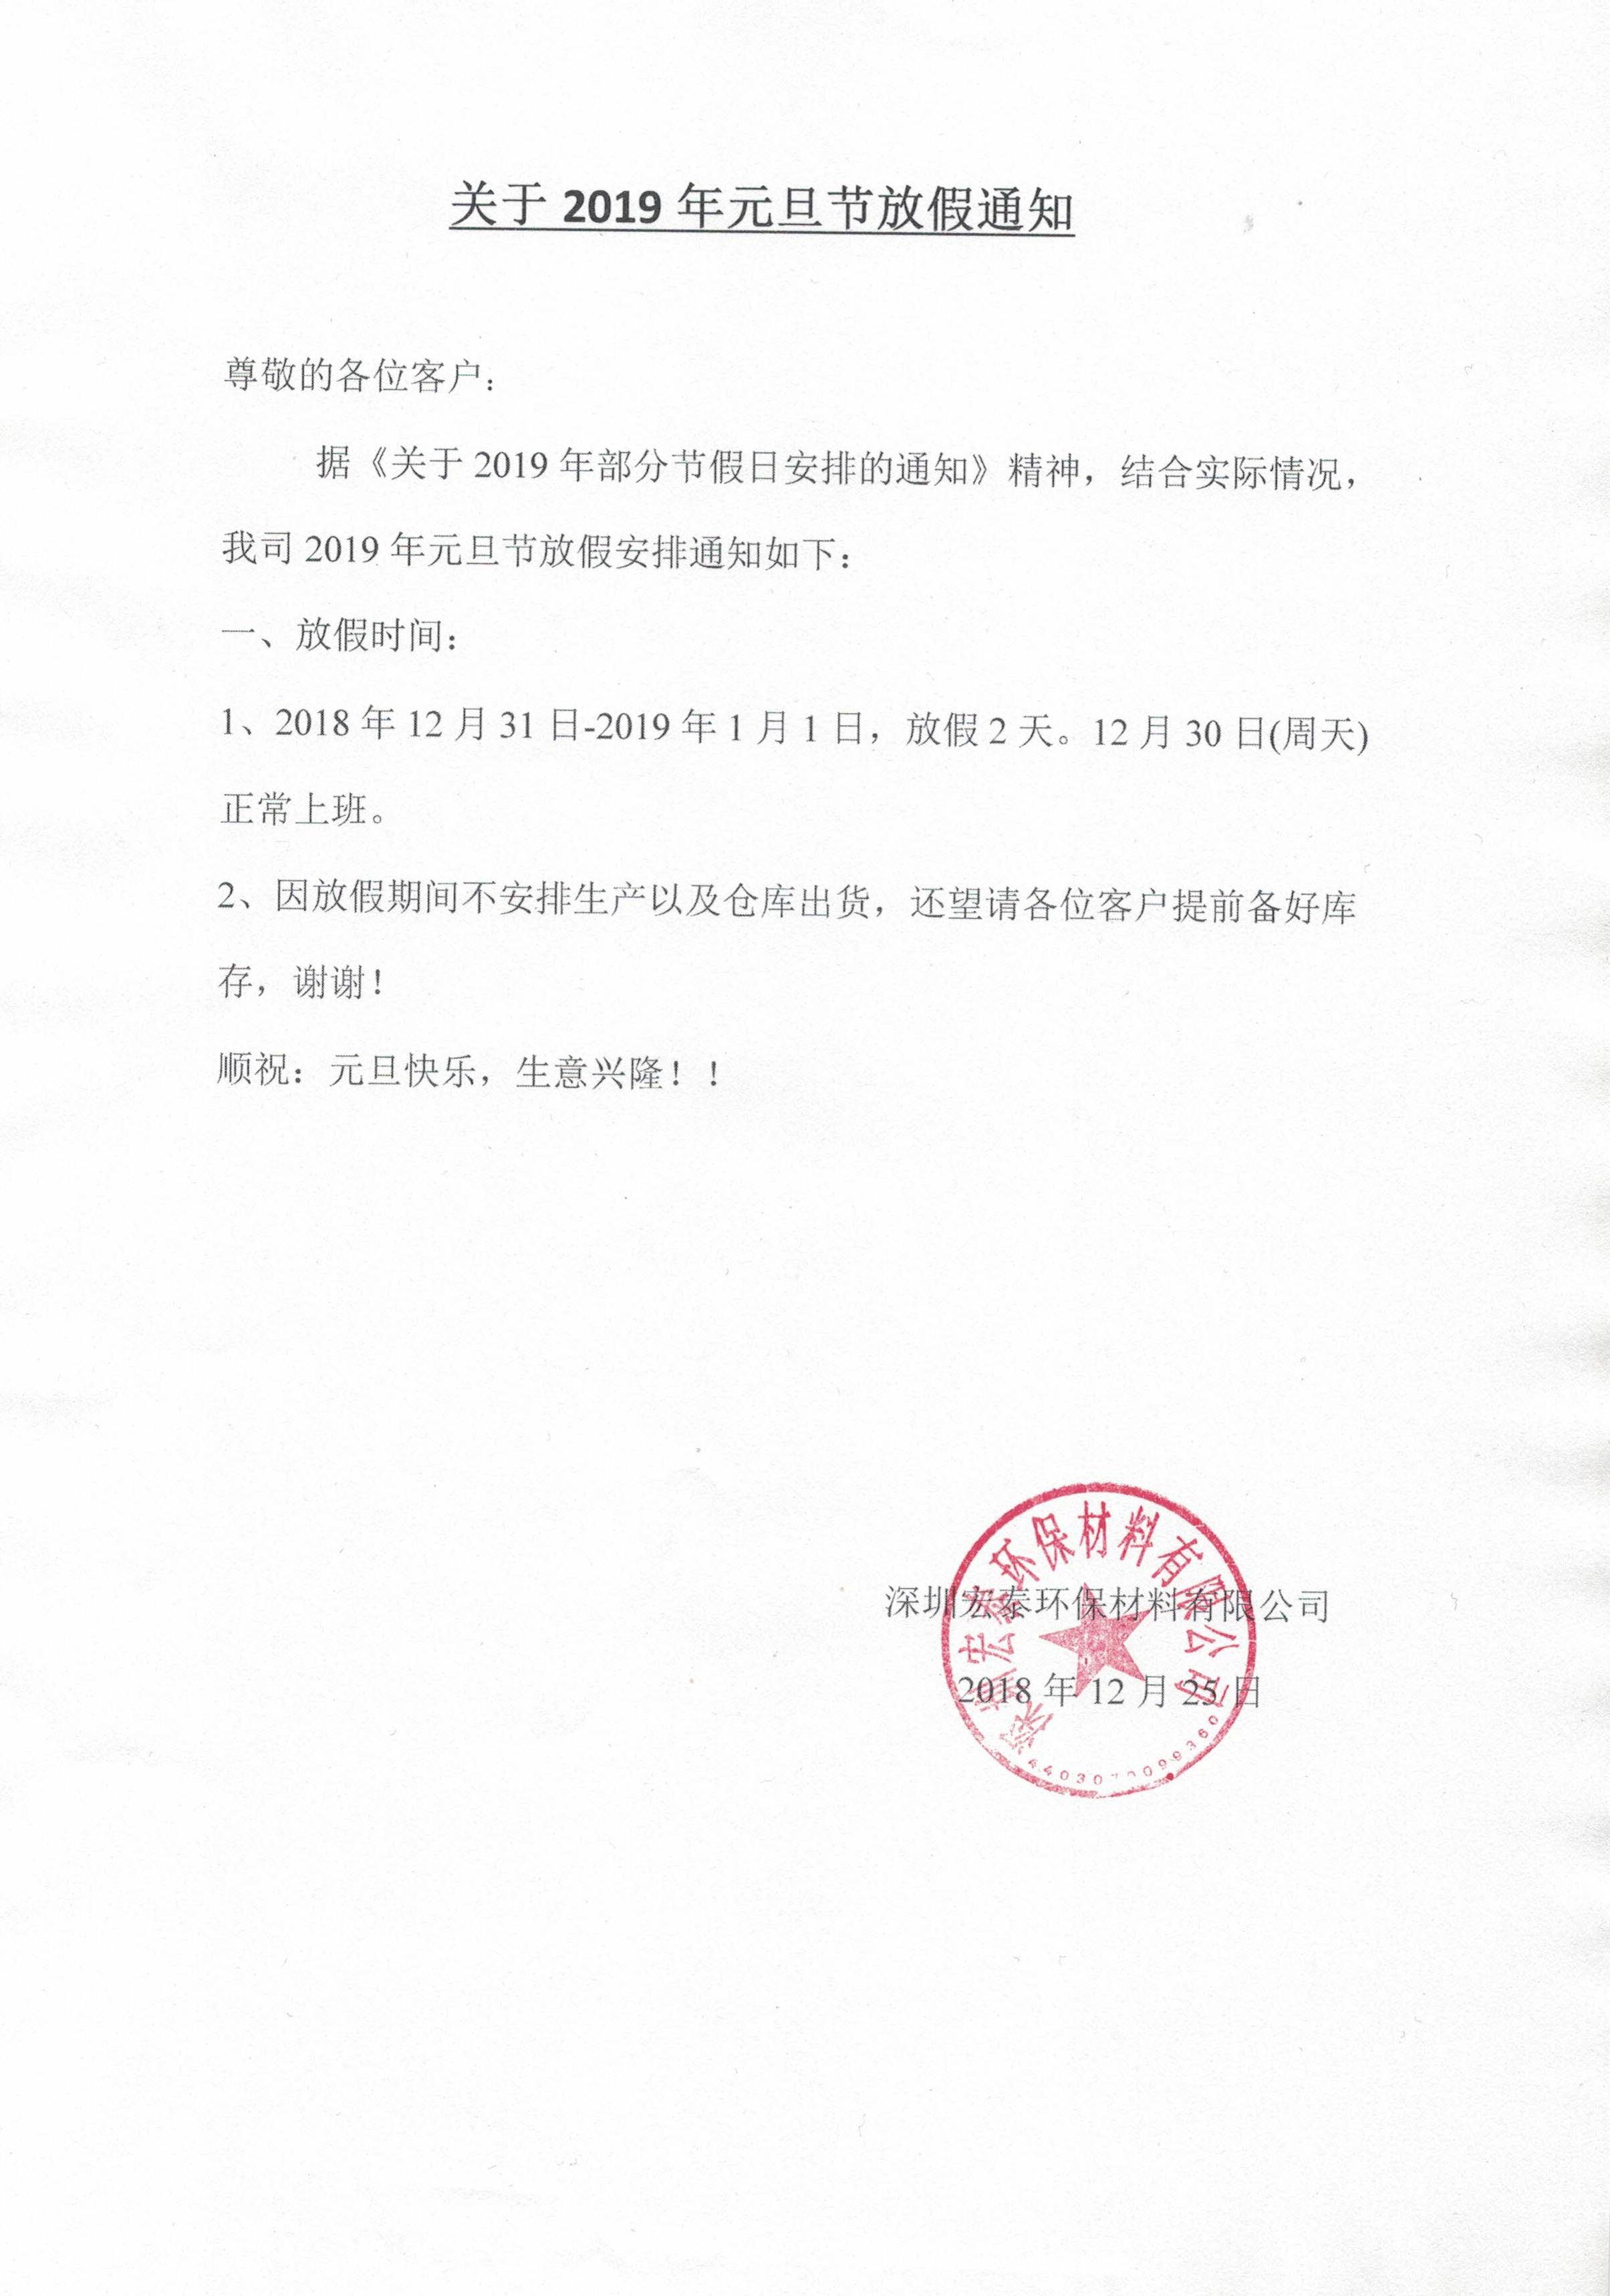 汉林水性腻子关于2019年元旦节放假通知.